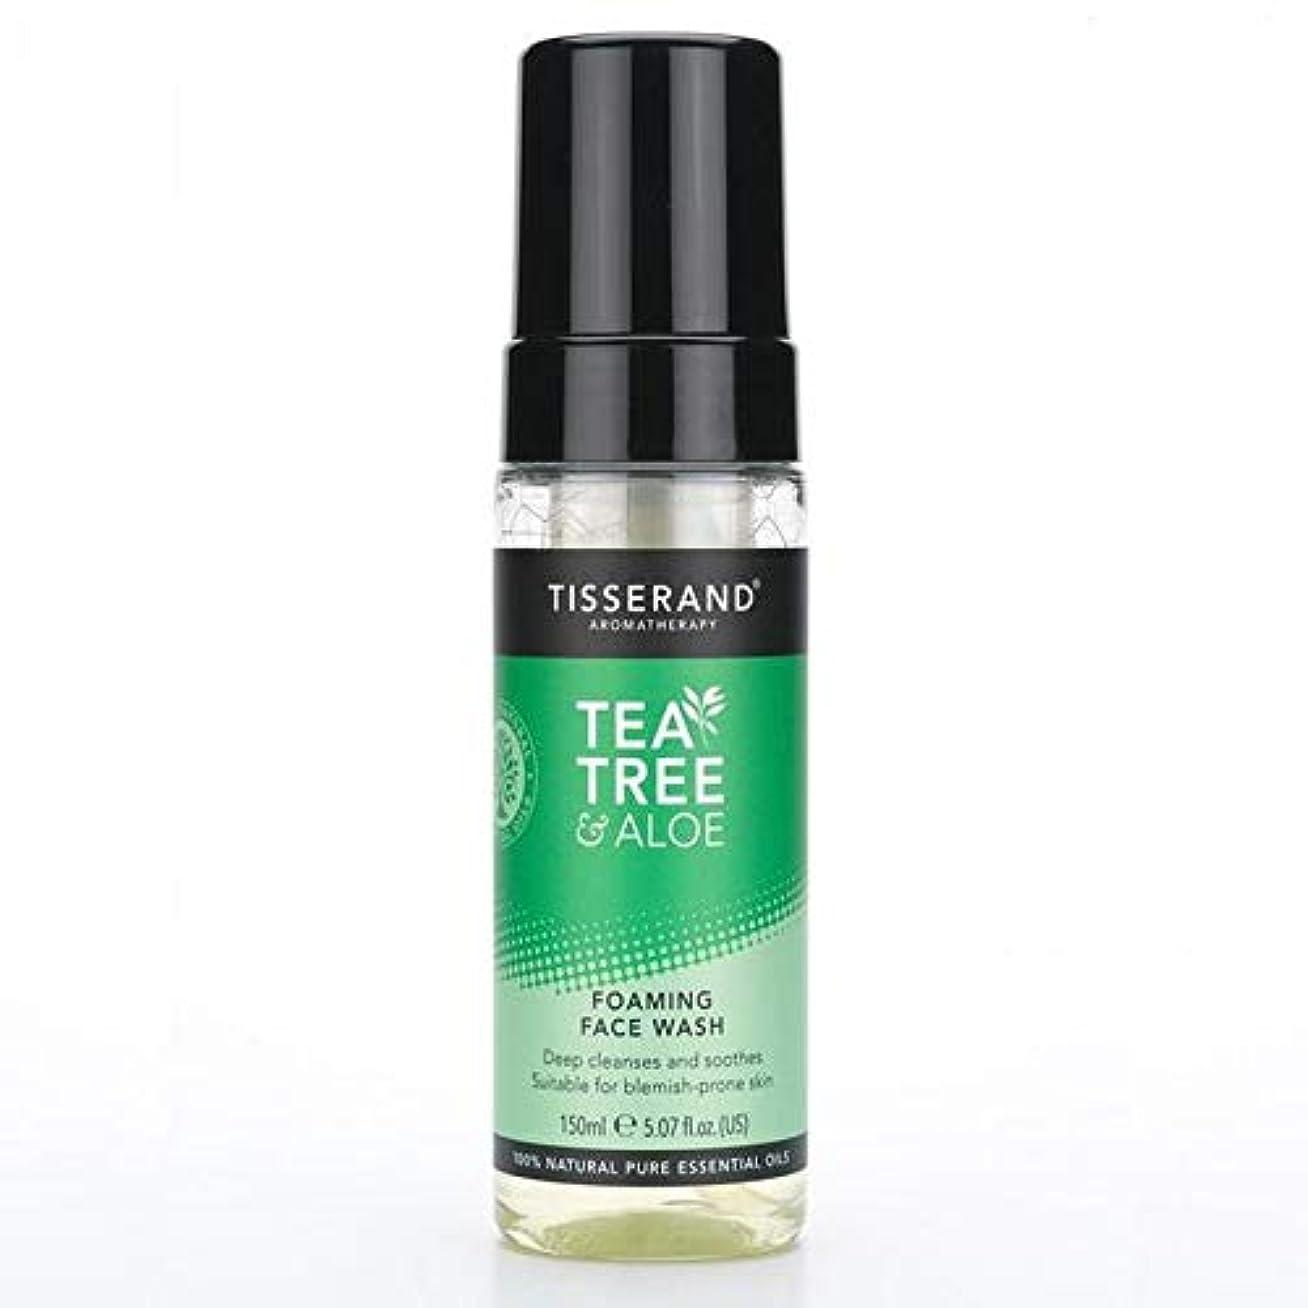 ボリューム突進スリット[Tisserand] 洗顔料の150ミリリットルを発泡ティスランドティーツリー&アロエ - Tisserand Tea Tree & Aloe Foaming Face Wash 150ml [並行輸入品]